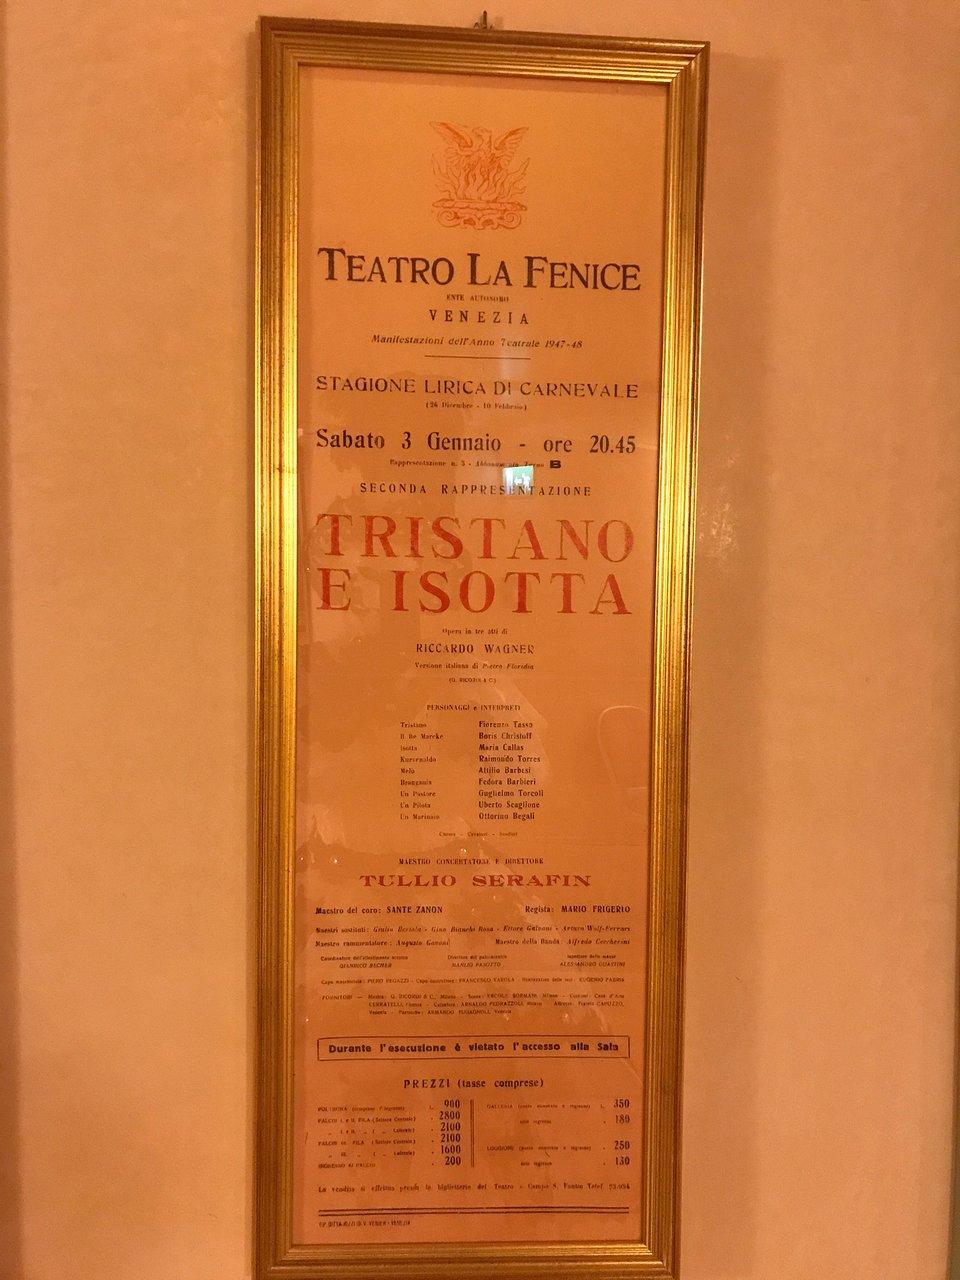 Teatro La Fenice Venise 2020 Ce Qu Il Faut Savoir Pour Votre